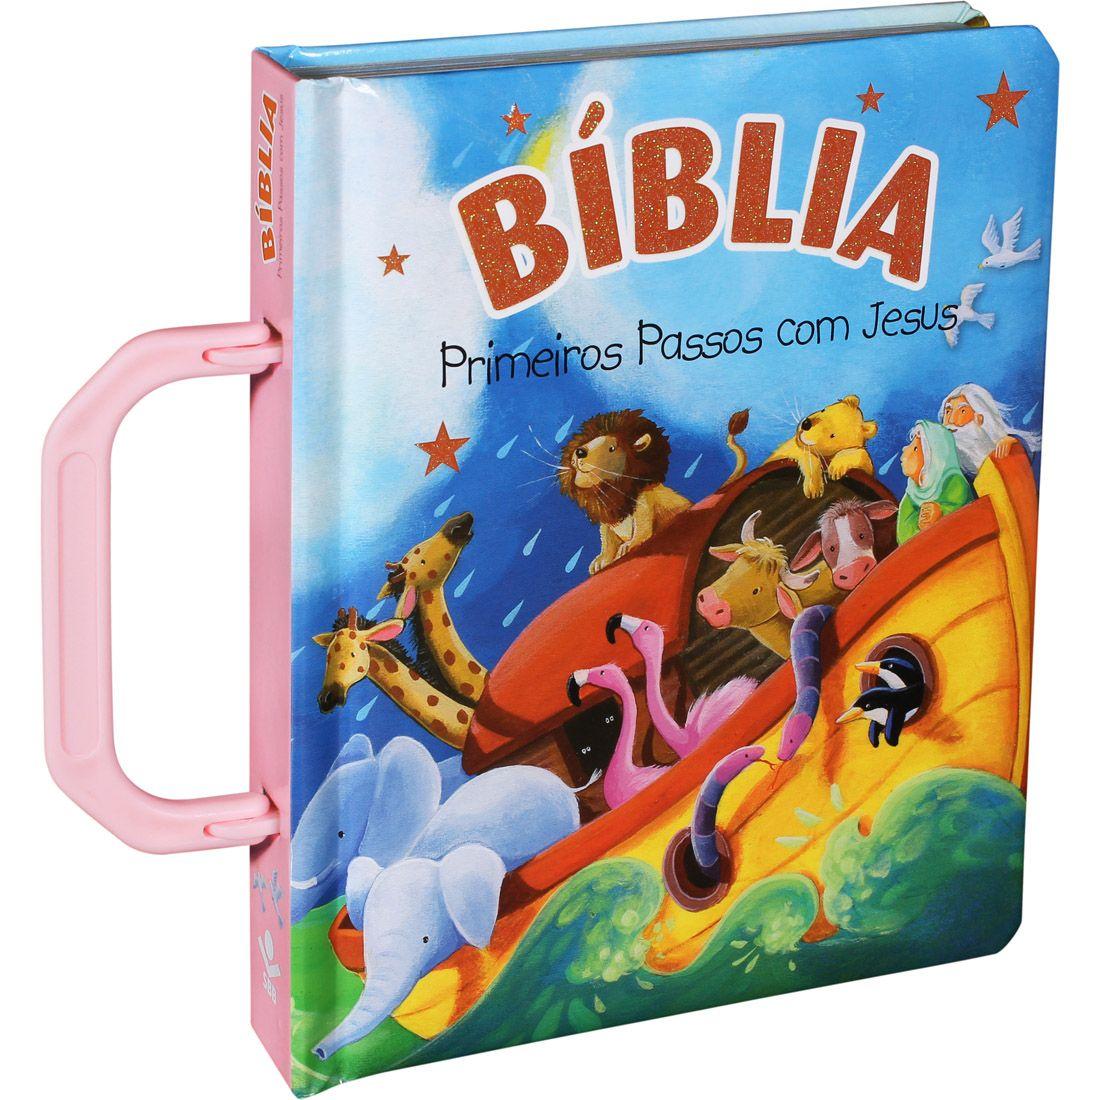 Bíblia Primeiros Passos com Jesus - Rosa